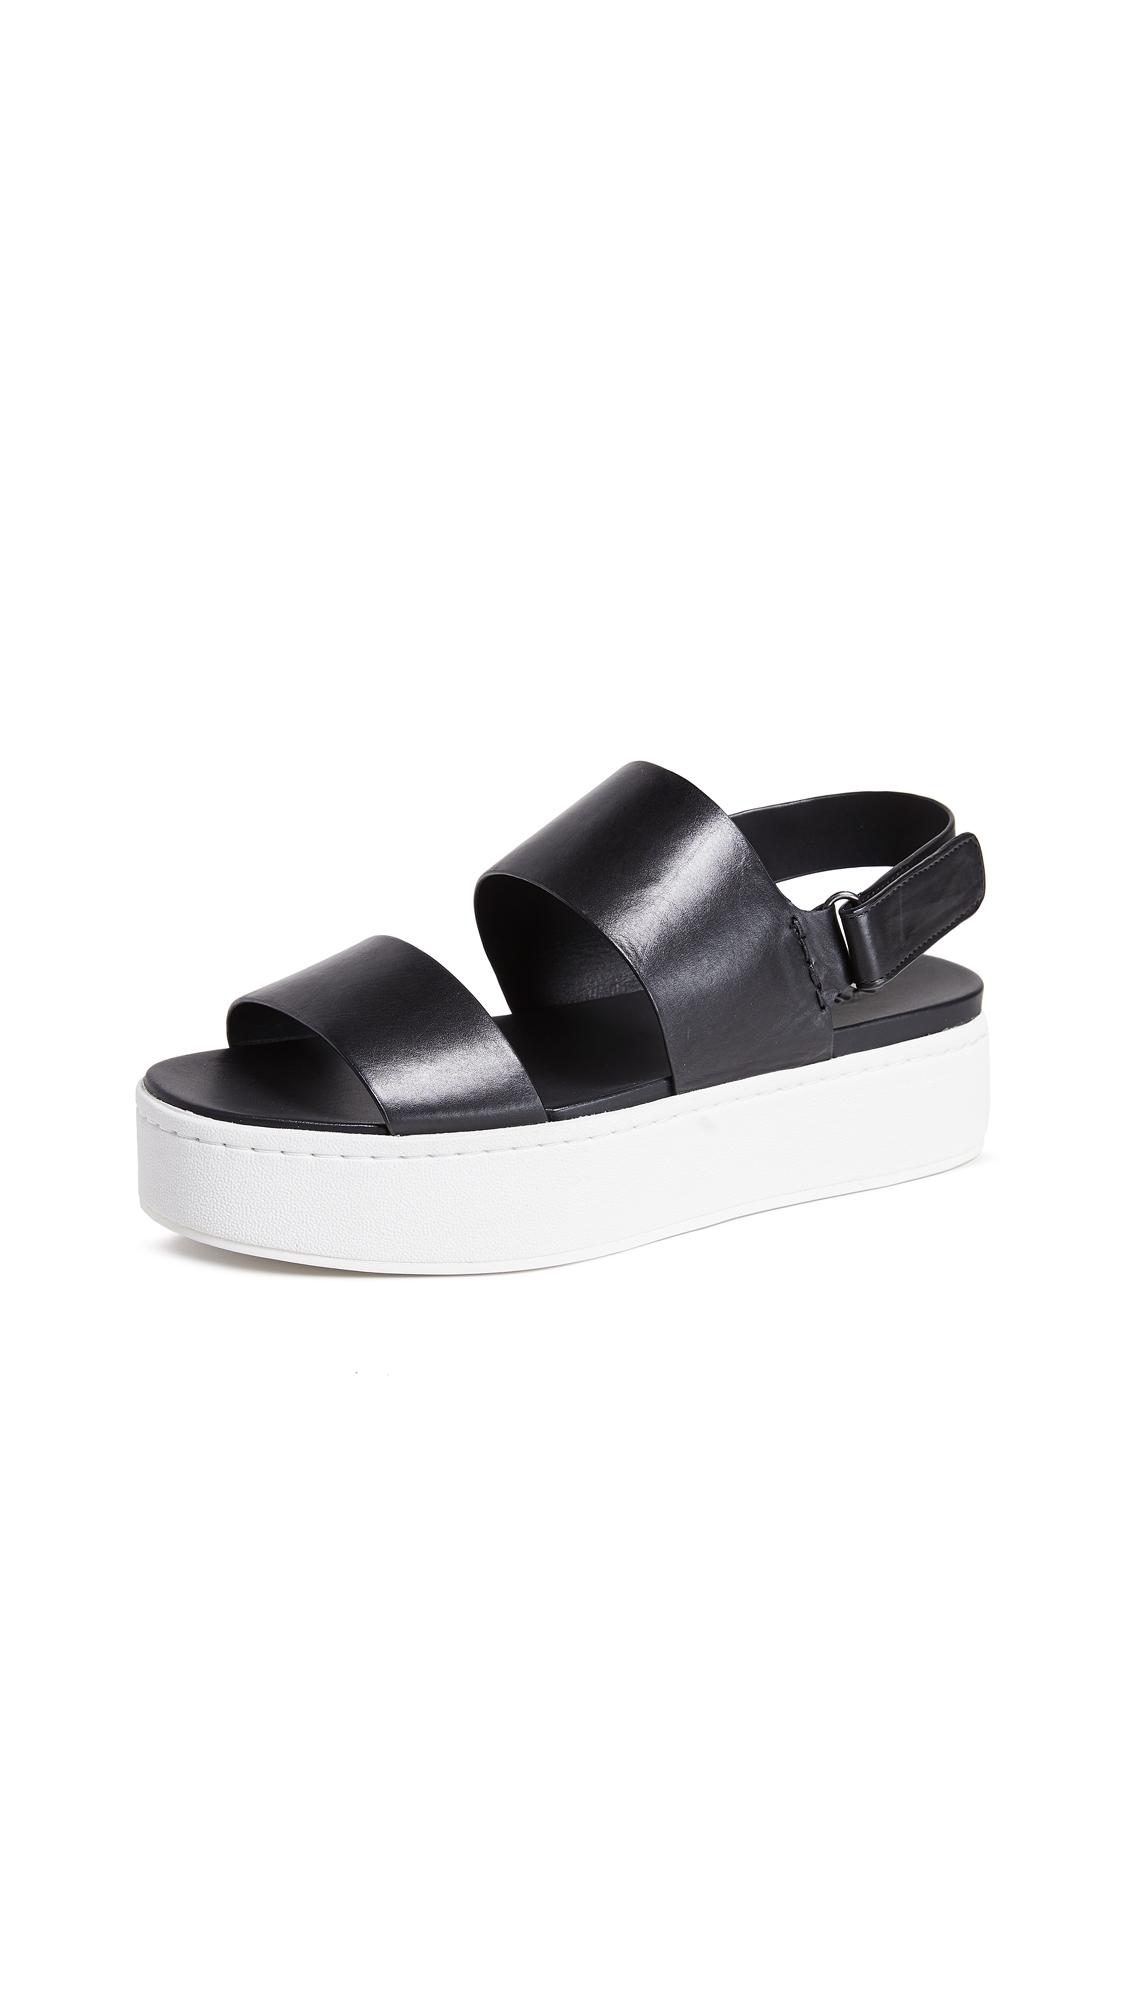 Vince Westport Platform Sandals - Black/Plaster